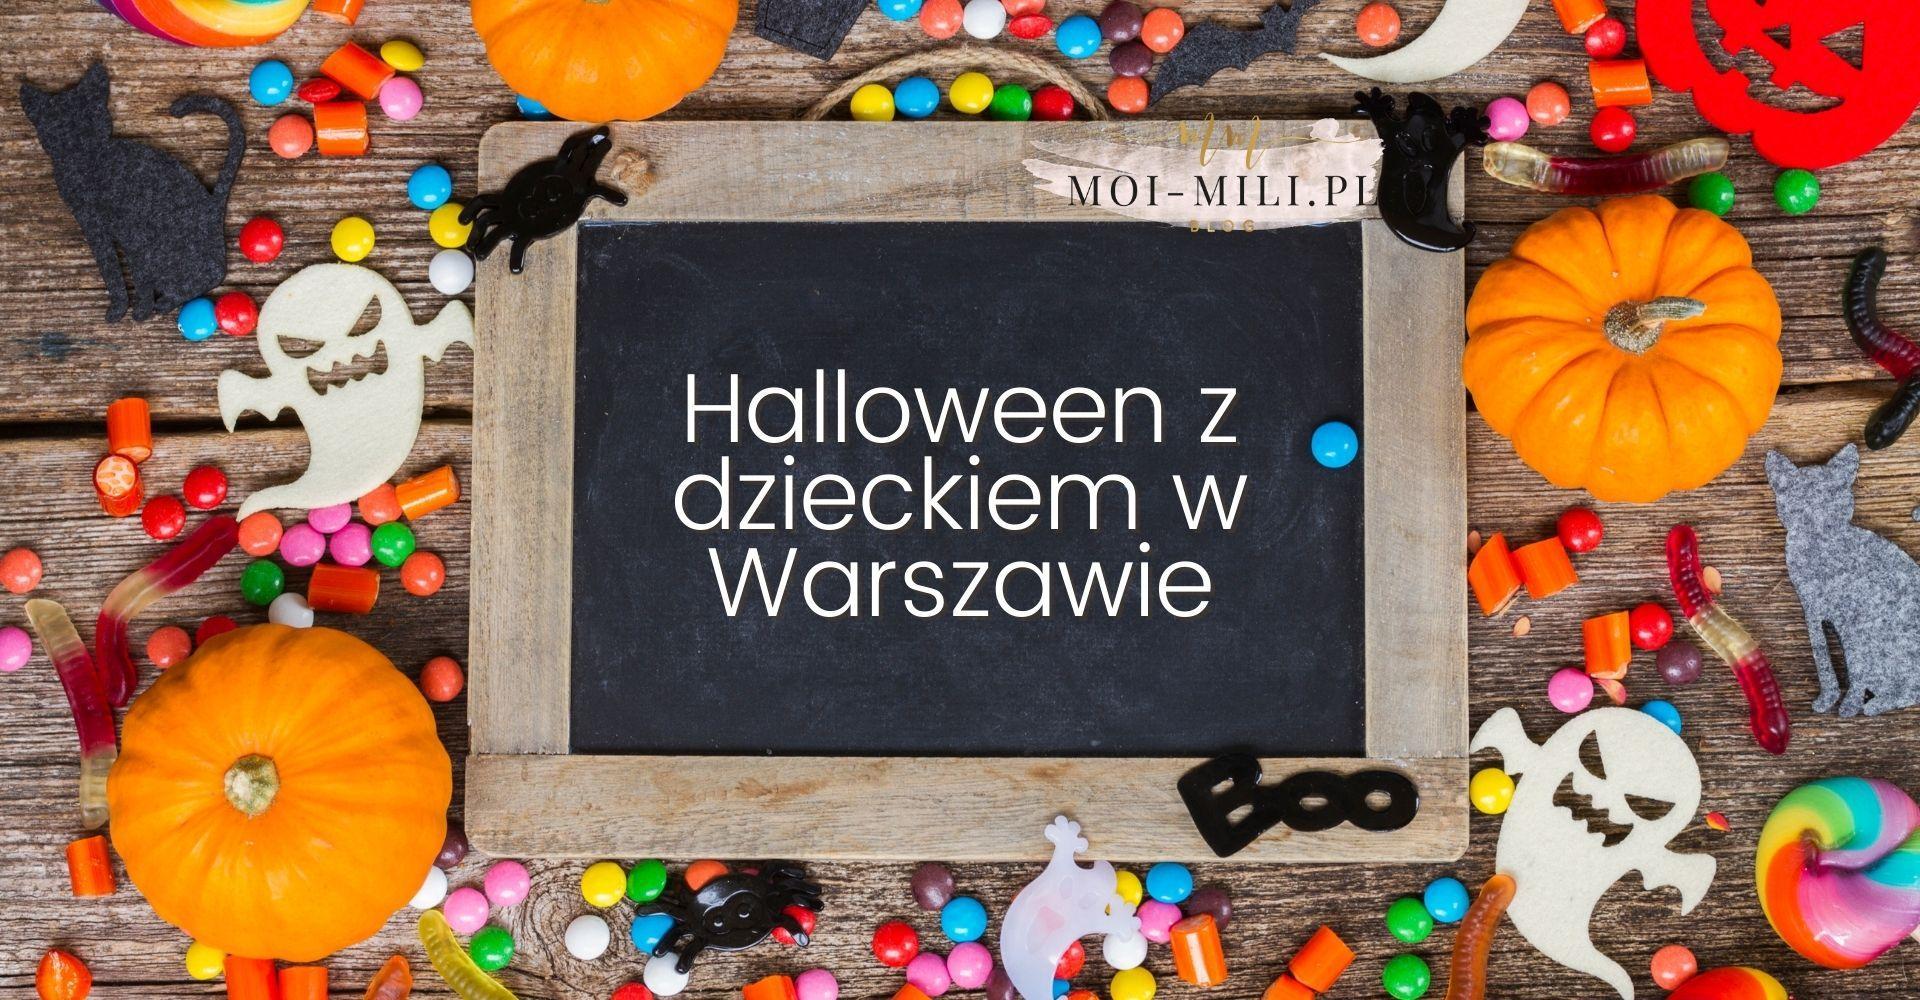 Imprezy, warsztaty i nocowanki dla dzieci z okazji Halloween